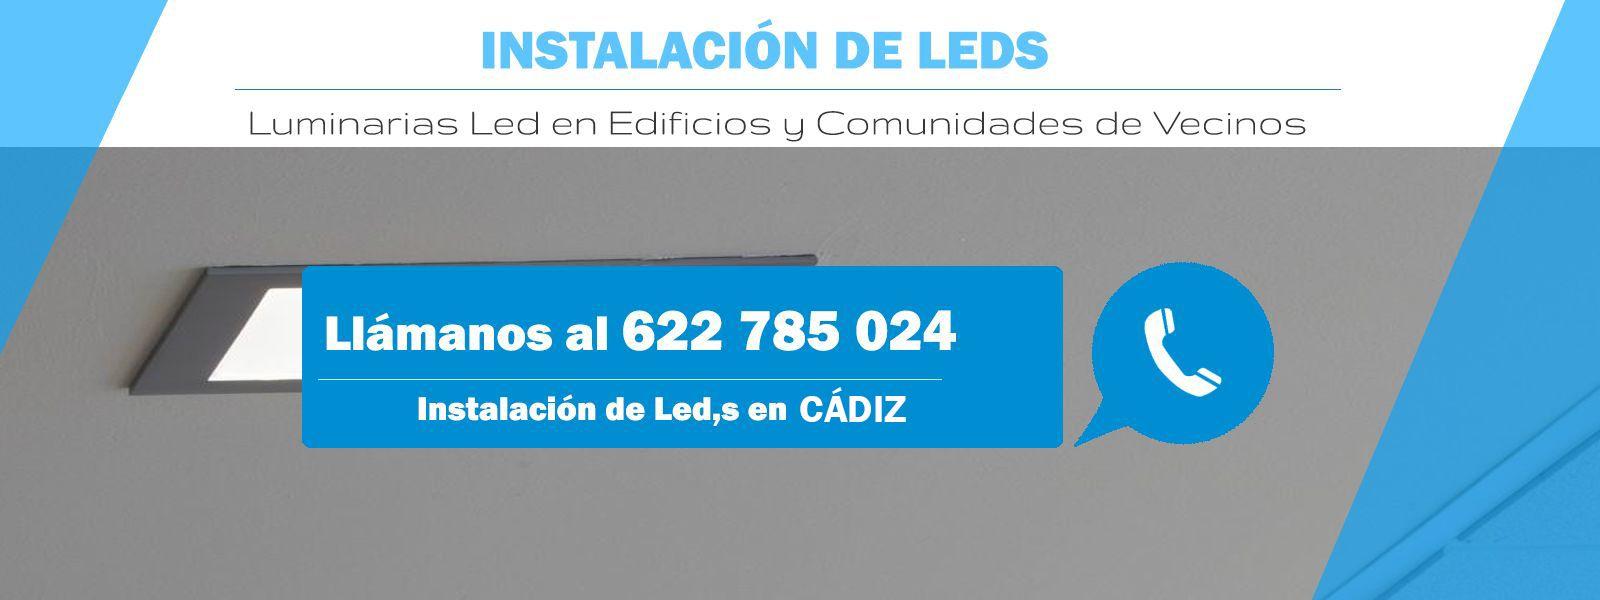 Instalación de luces led